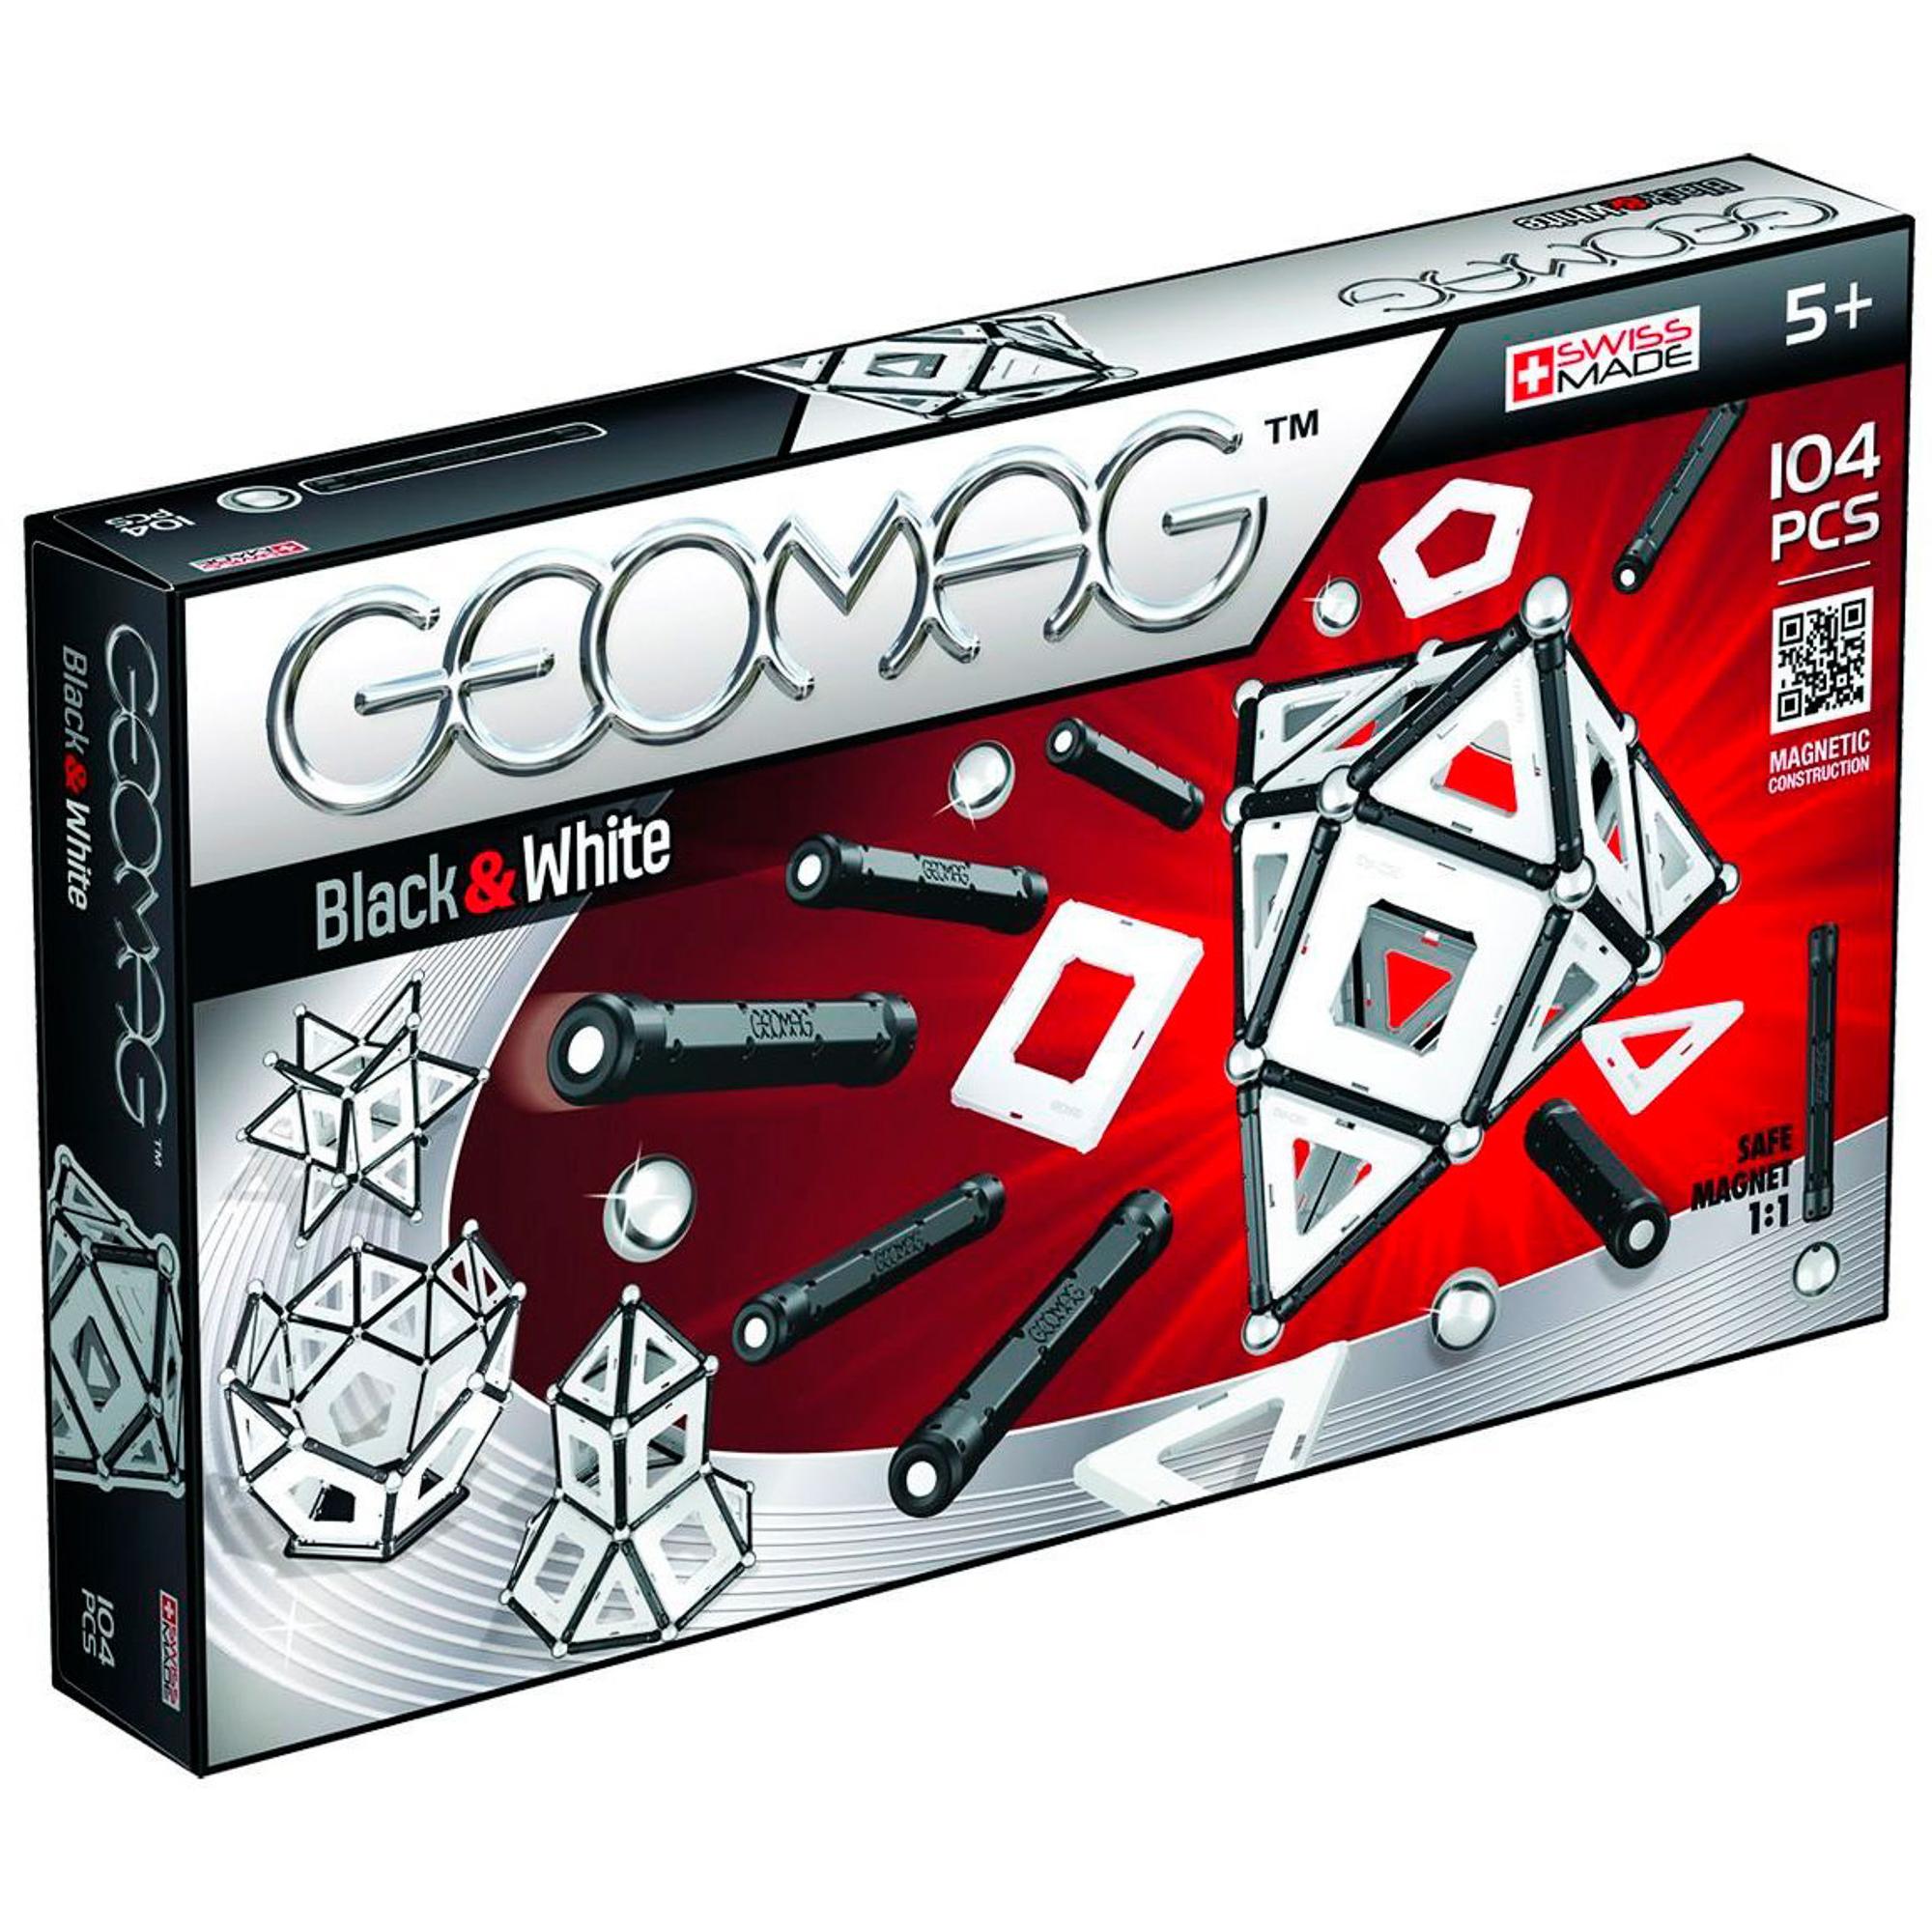 Конструктор магнитный Geomag Black and White 013.